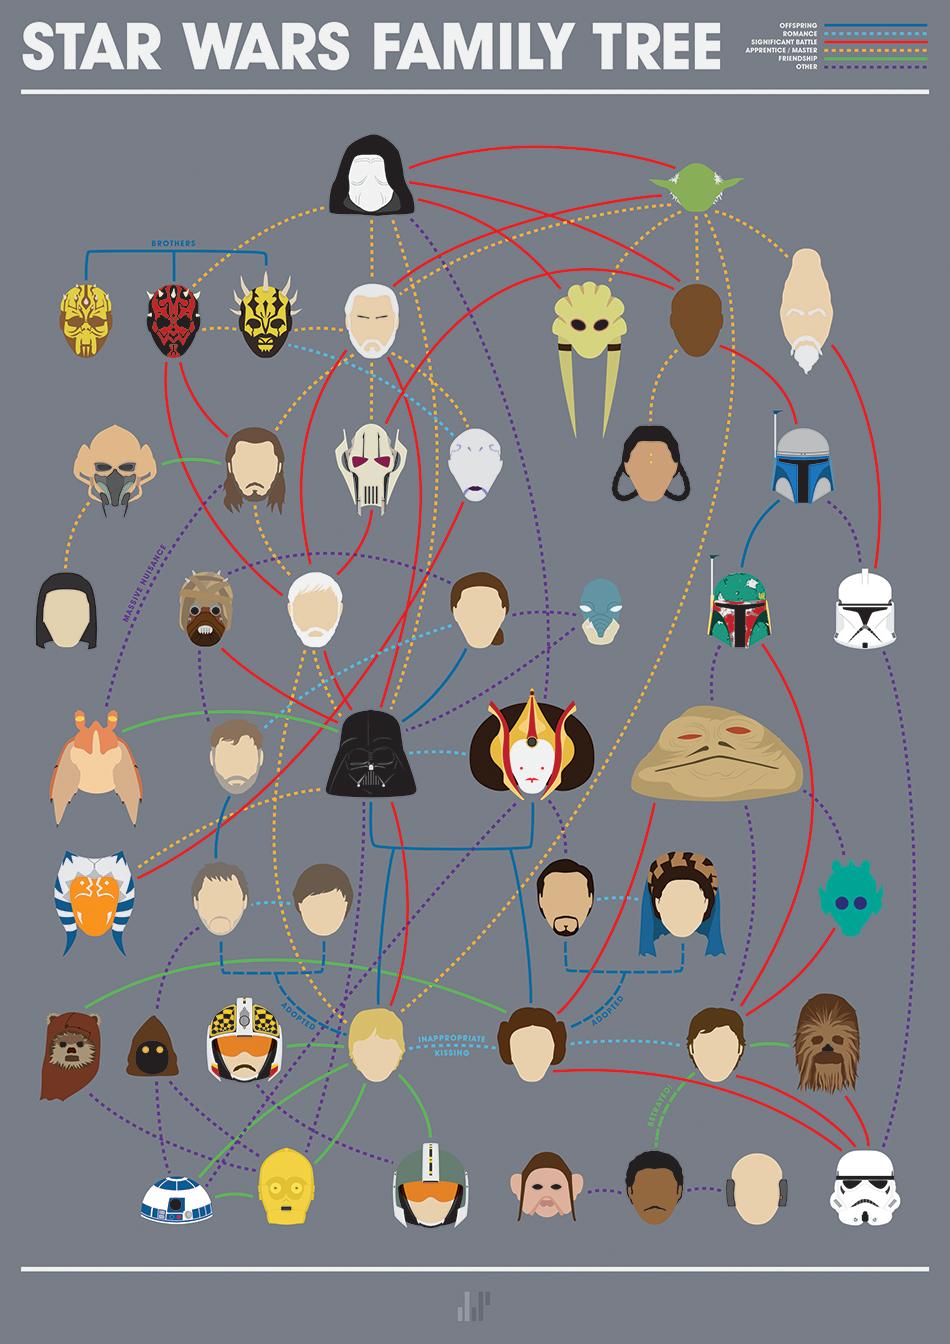 インフォグラフィック:一目でわかるスター・ウォーズ<登場人物相関図>